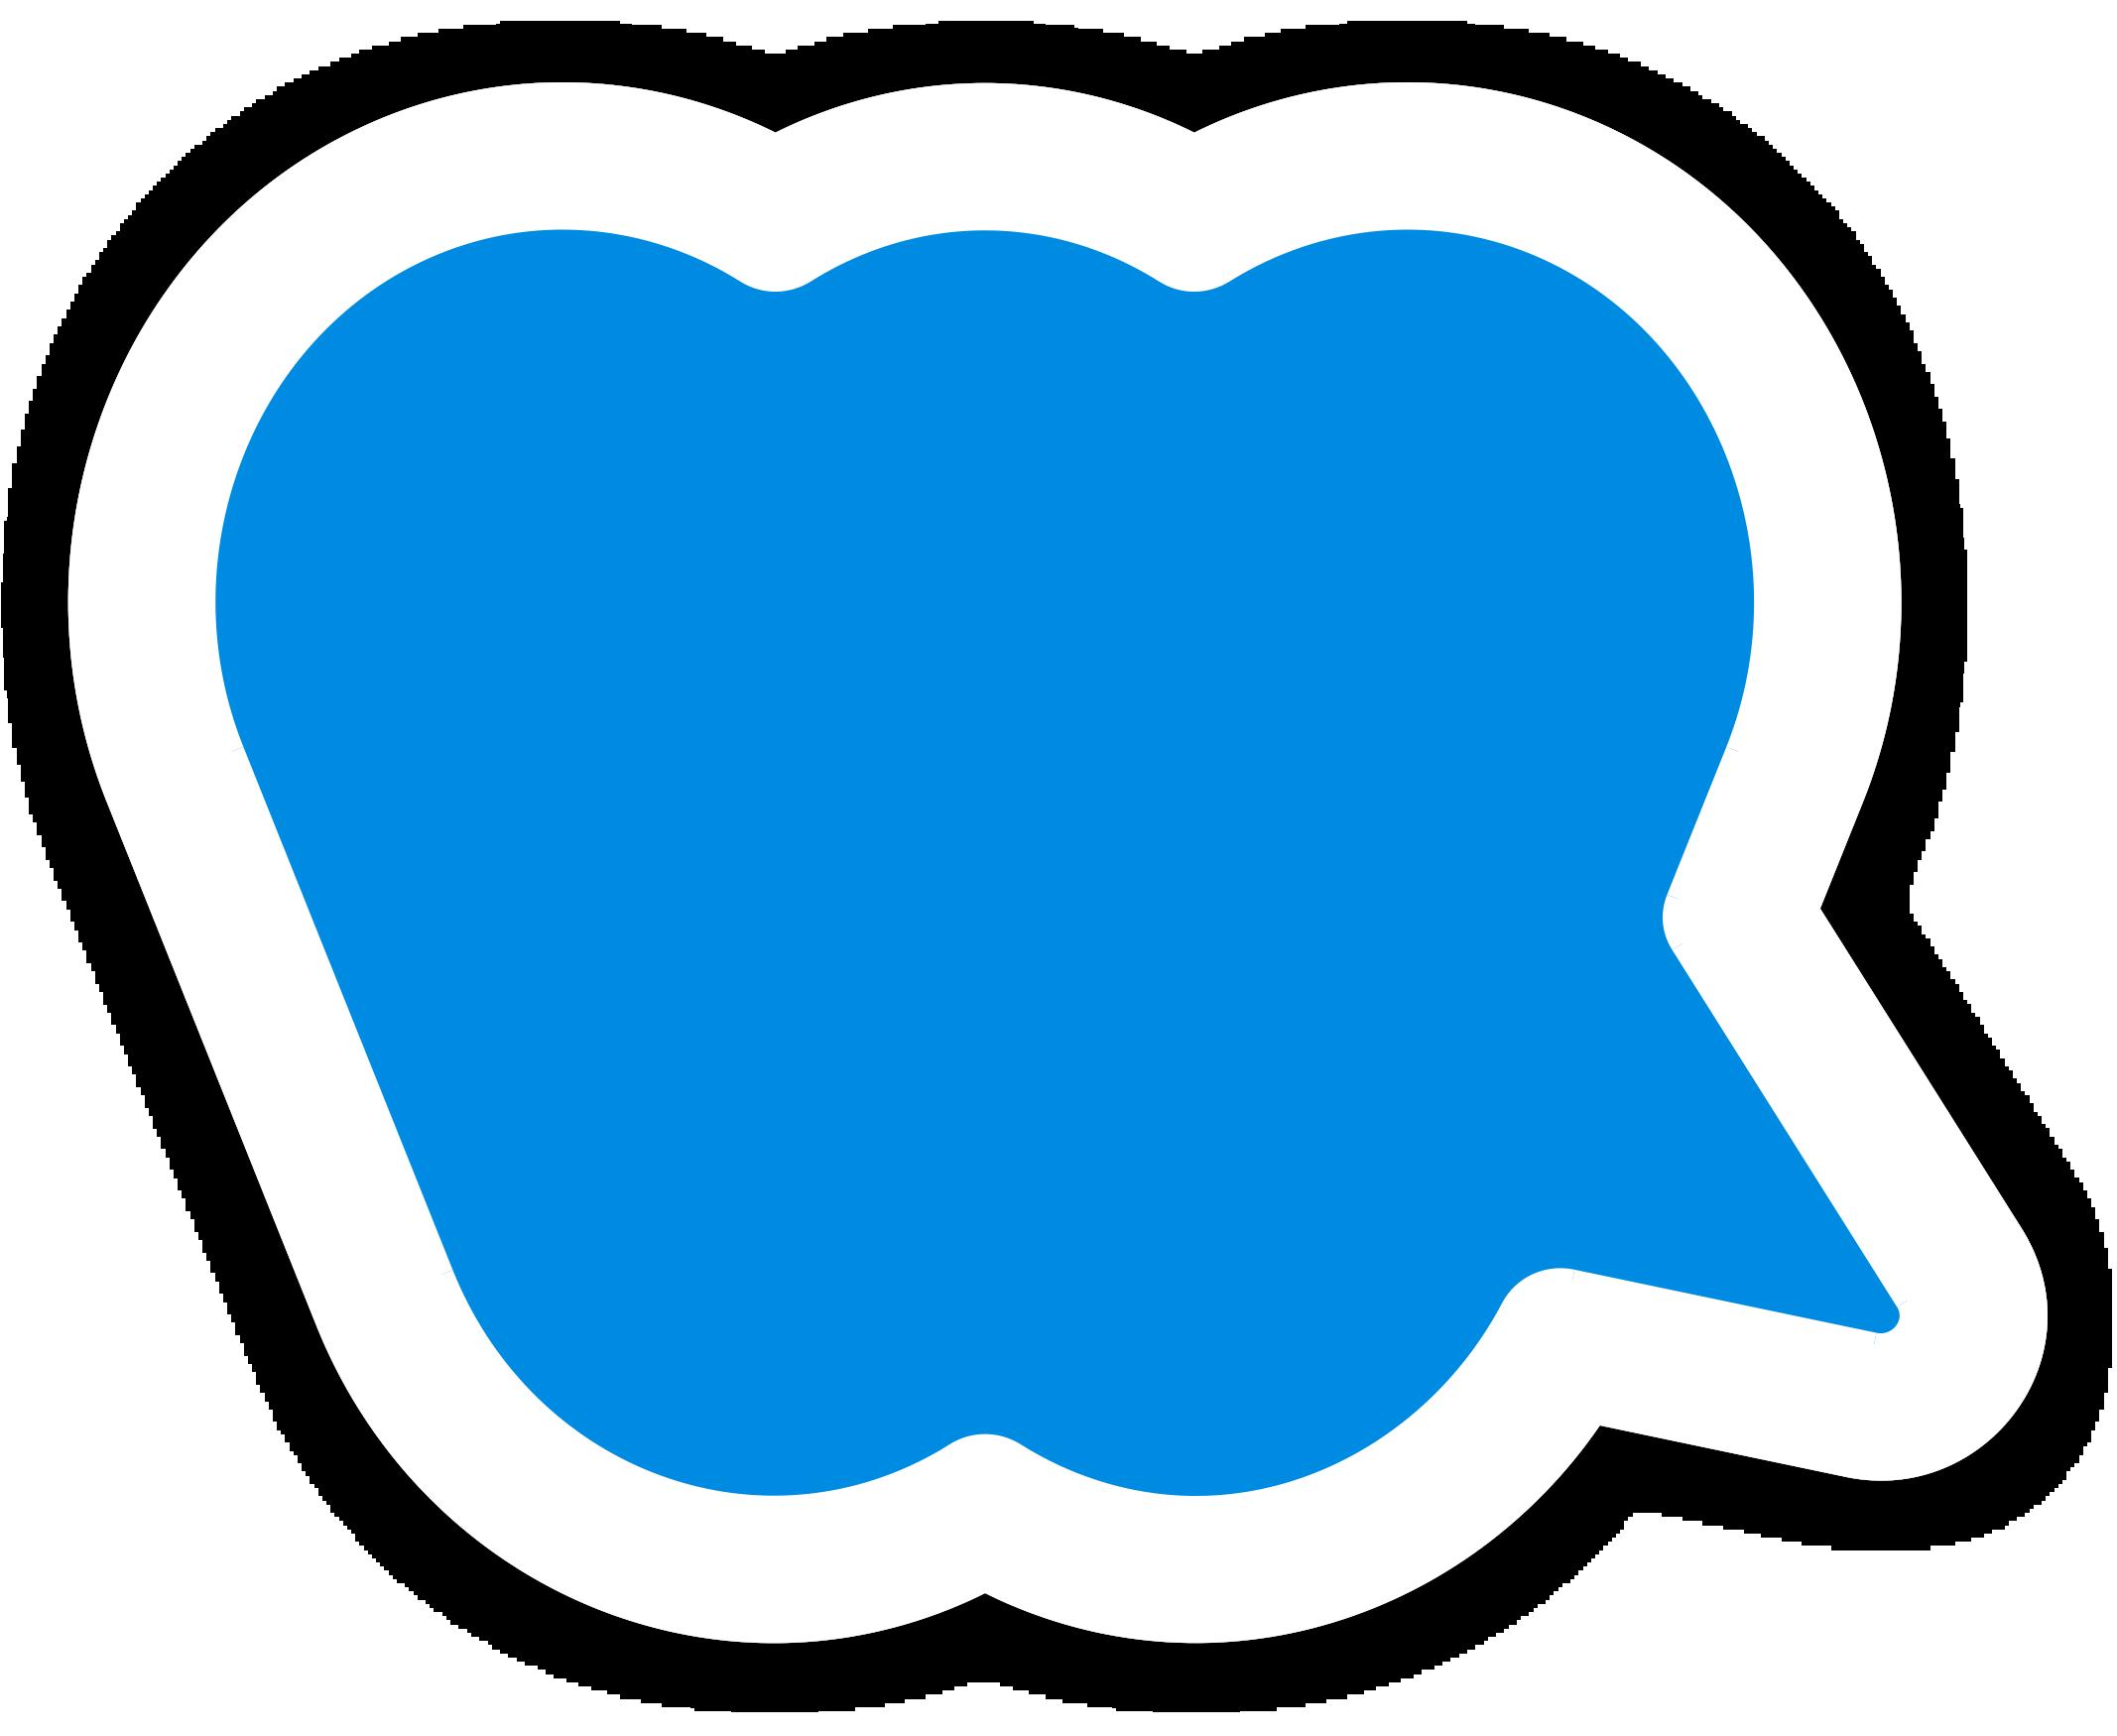 Wispi 3.0.1.312 پیام رسان ویسپی برای موبایل